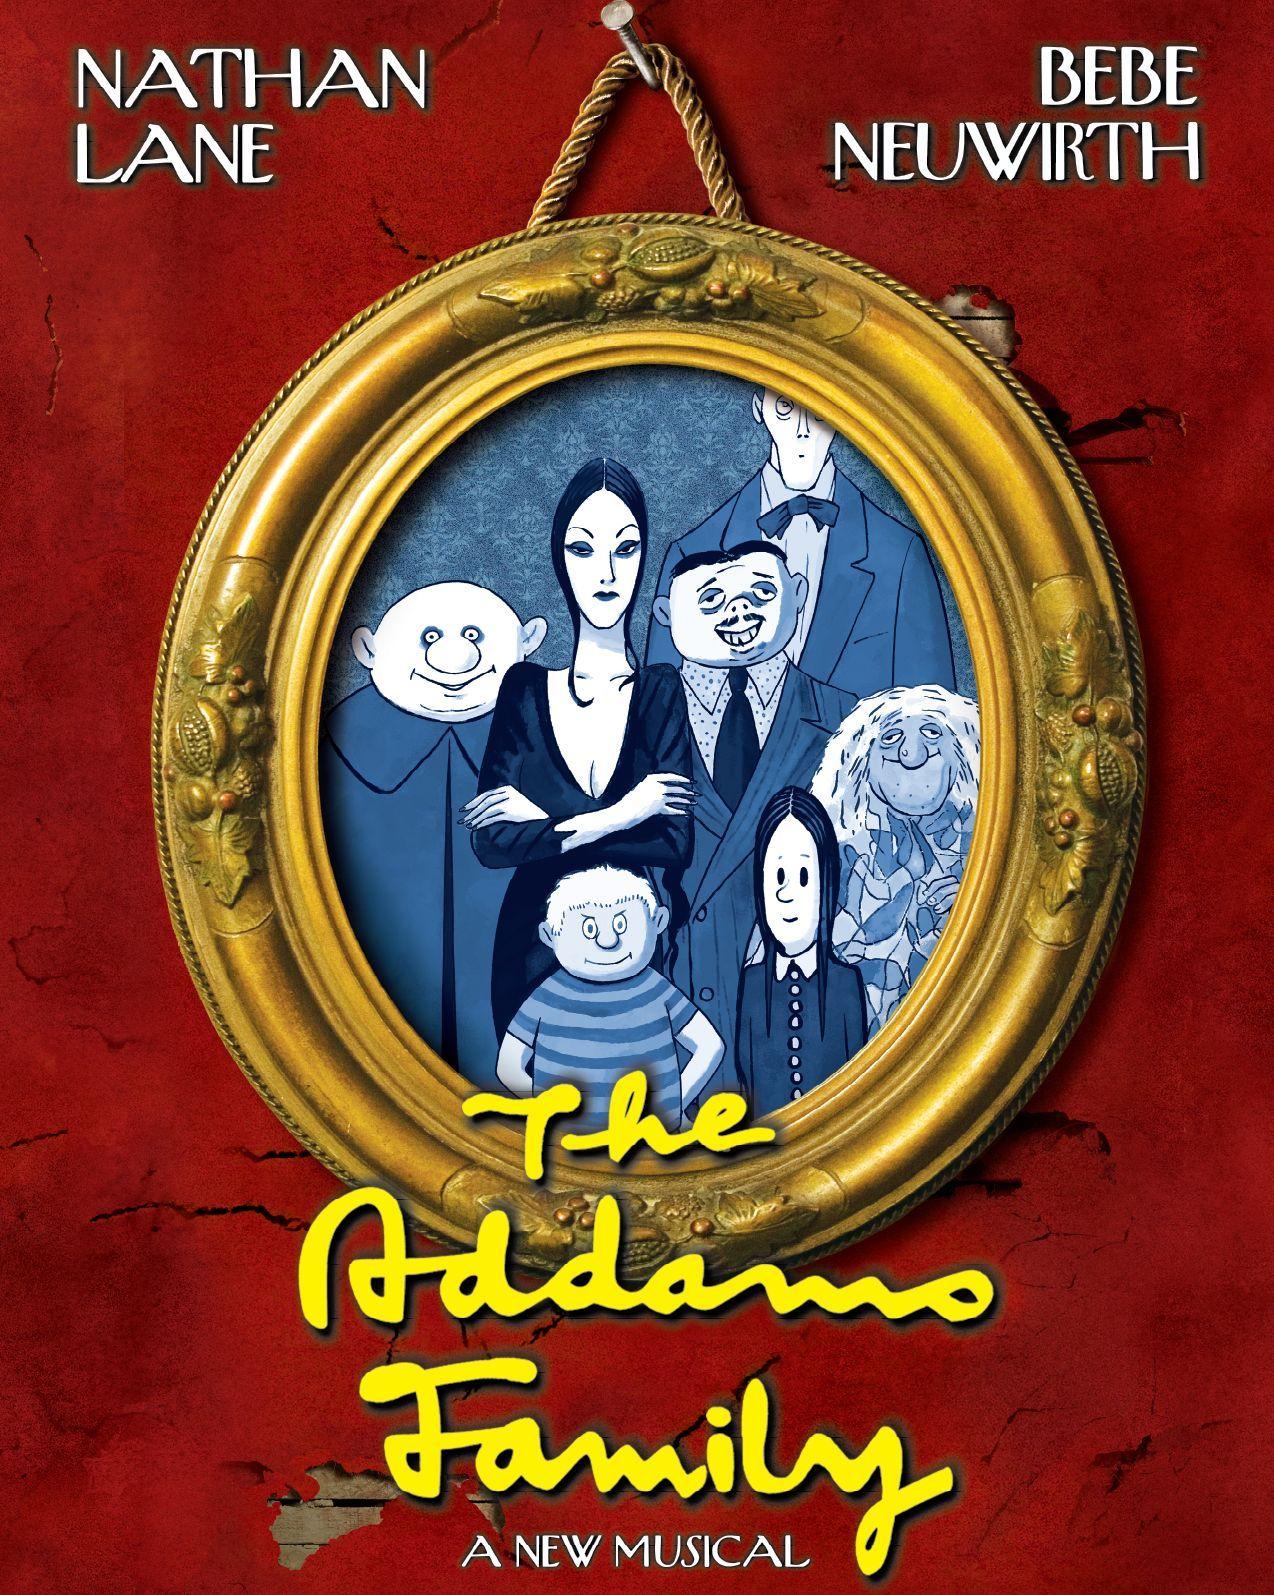 http://1.bp.blogspot.com/_Ru4w-rp1QlA/S9c6CpOh7YI/AAAAAAAAAA4/1OOwyk_LbnI/s1600/Addams-Family-logo-722703.jpg